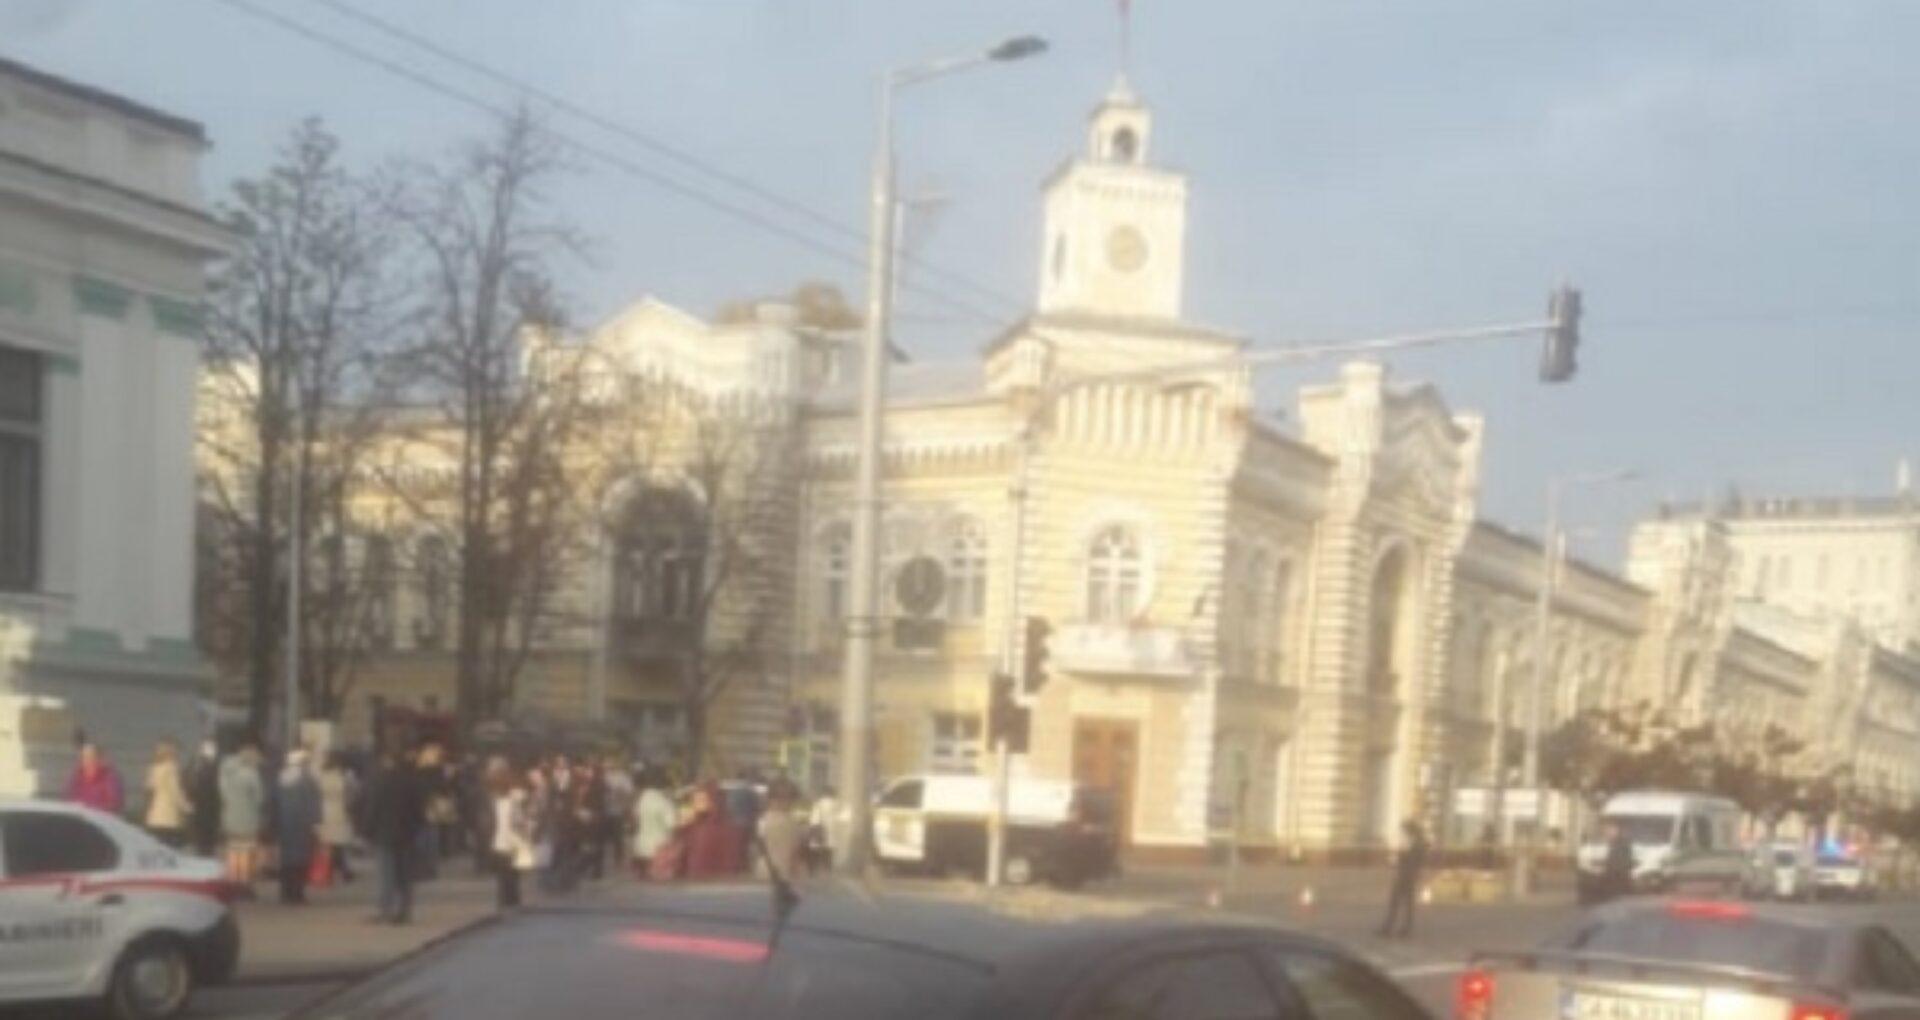 Primăria Chișinău și Ambasada Ucrainei, ținta unei amenințări cu bombă: centrul capitalei, paralizat